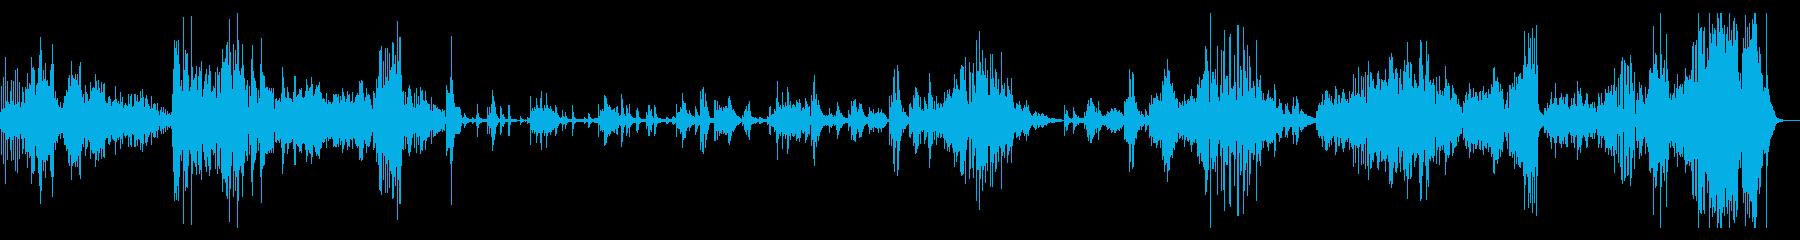 ラヴェル ピアノ組曲 - (鏡)ピエロの再生済みの波形